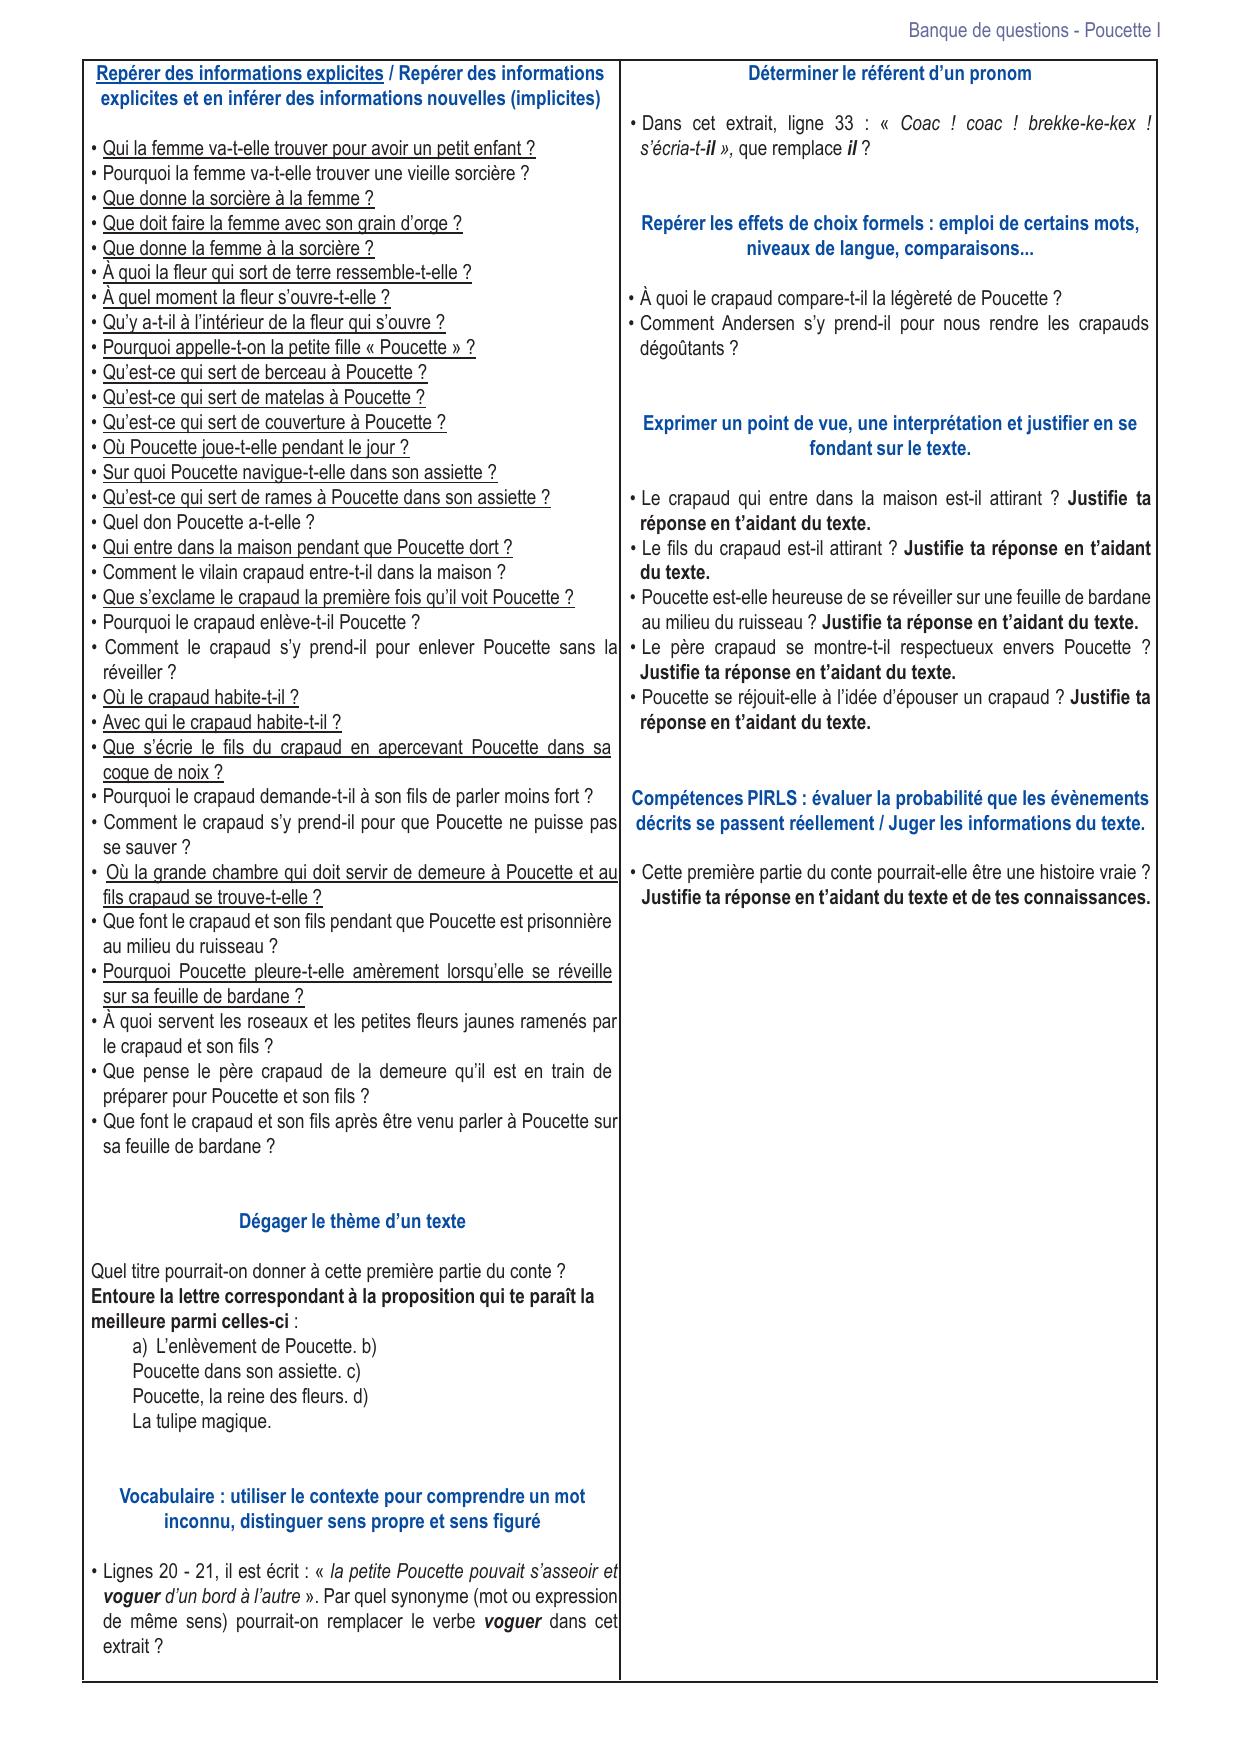 Poucette I Banque De Questions